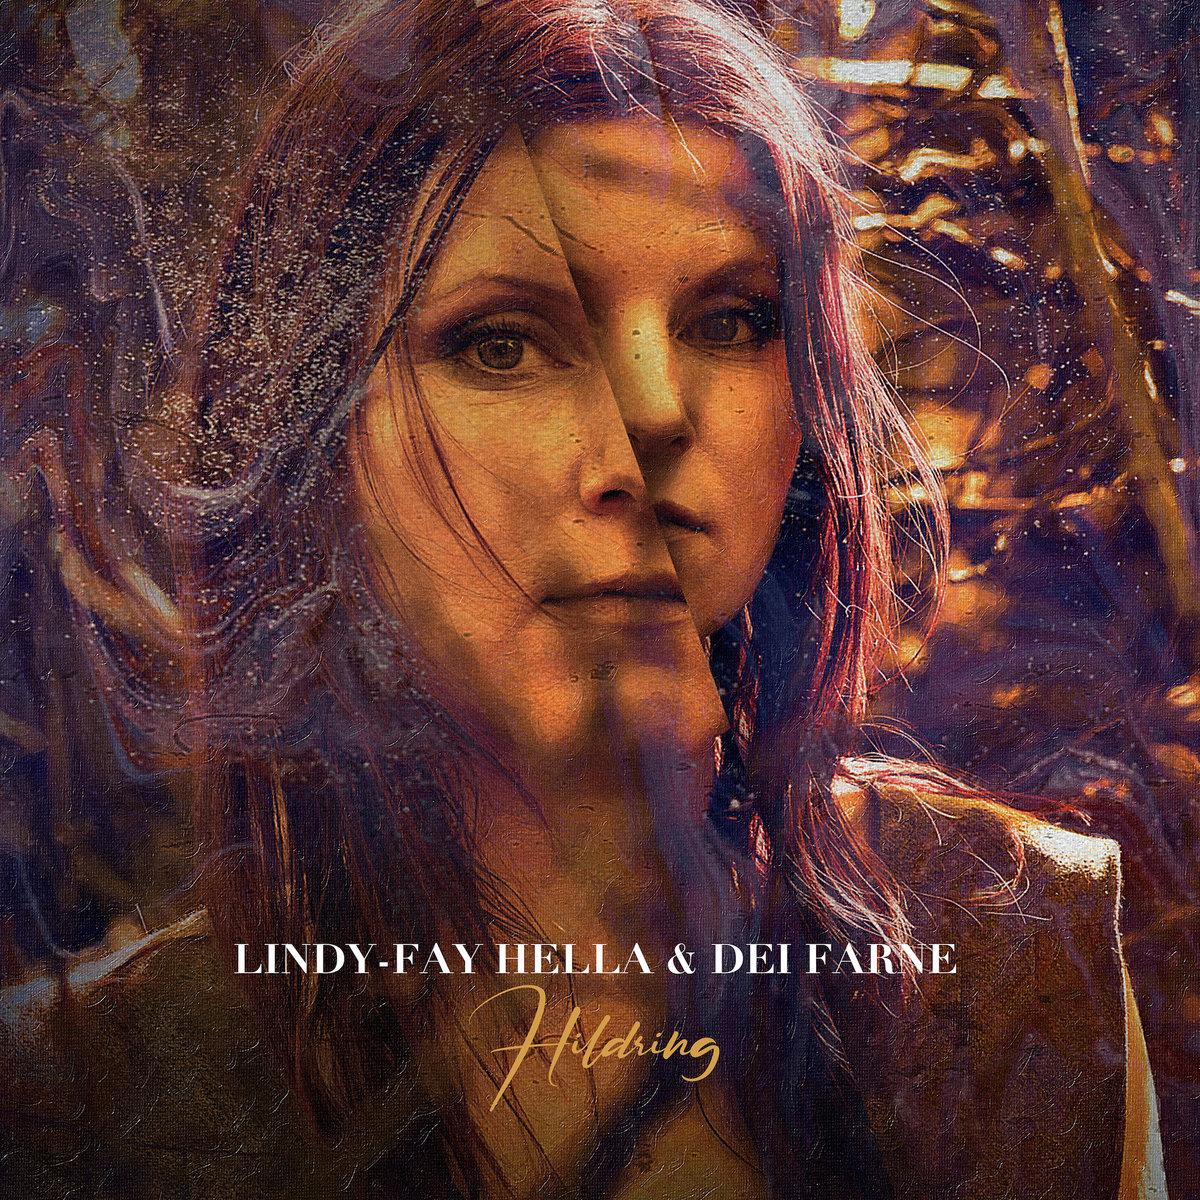 Hildring | Lindy-Fay Hella & Dei Farne | Lindy-Fay Hella